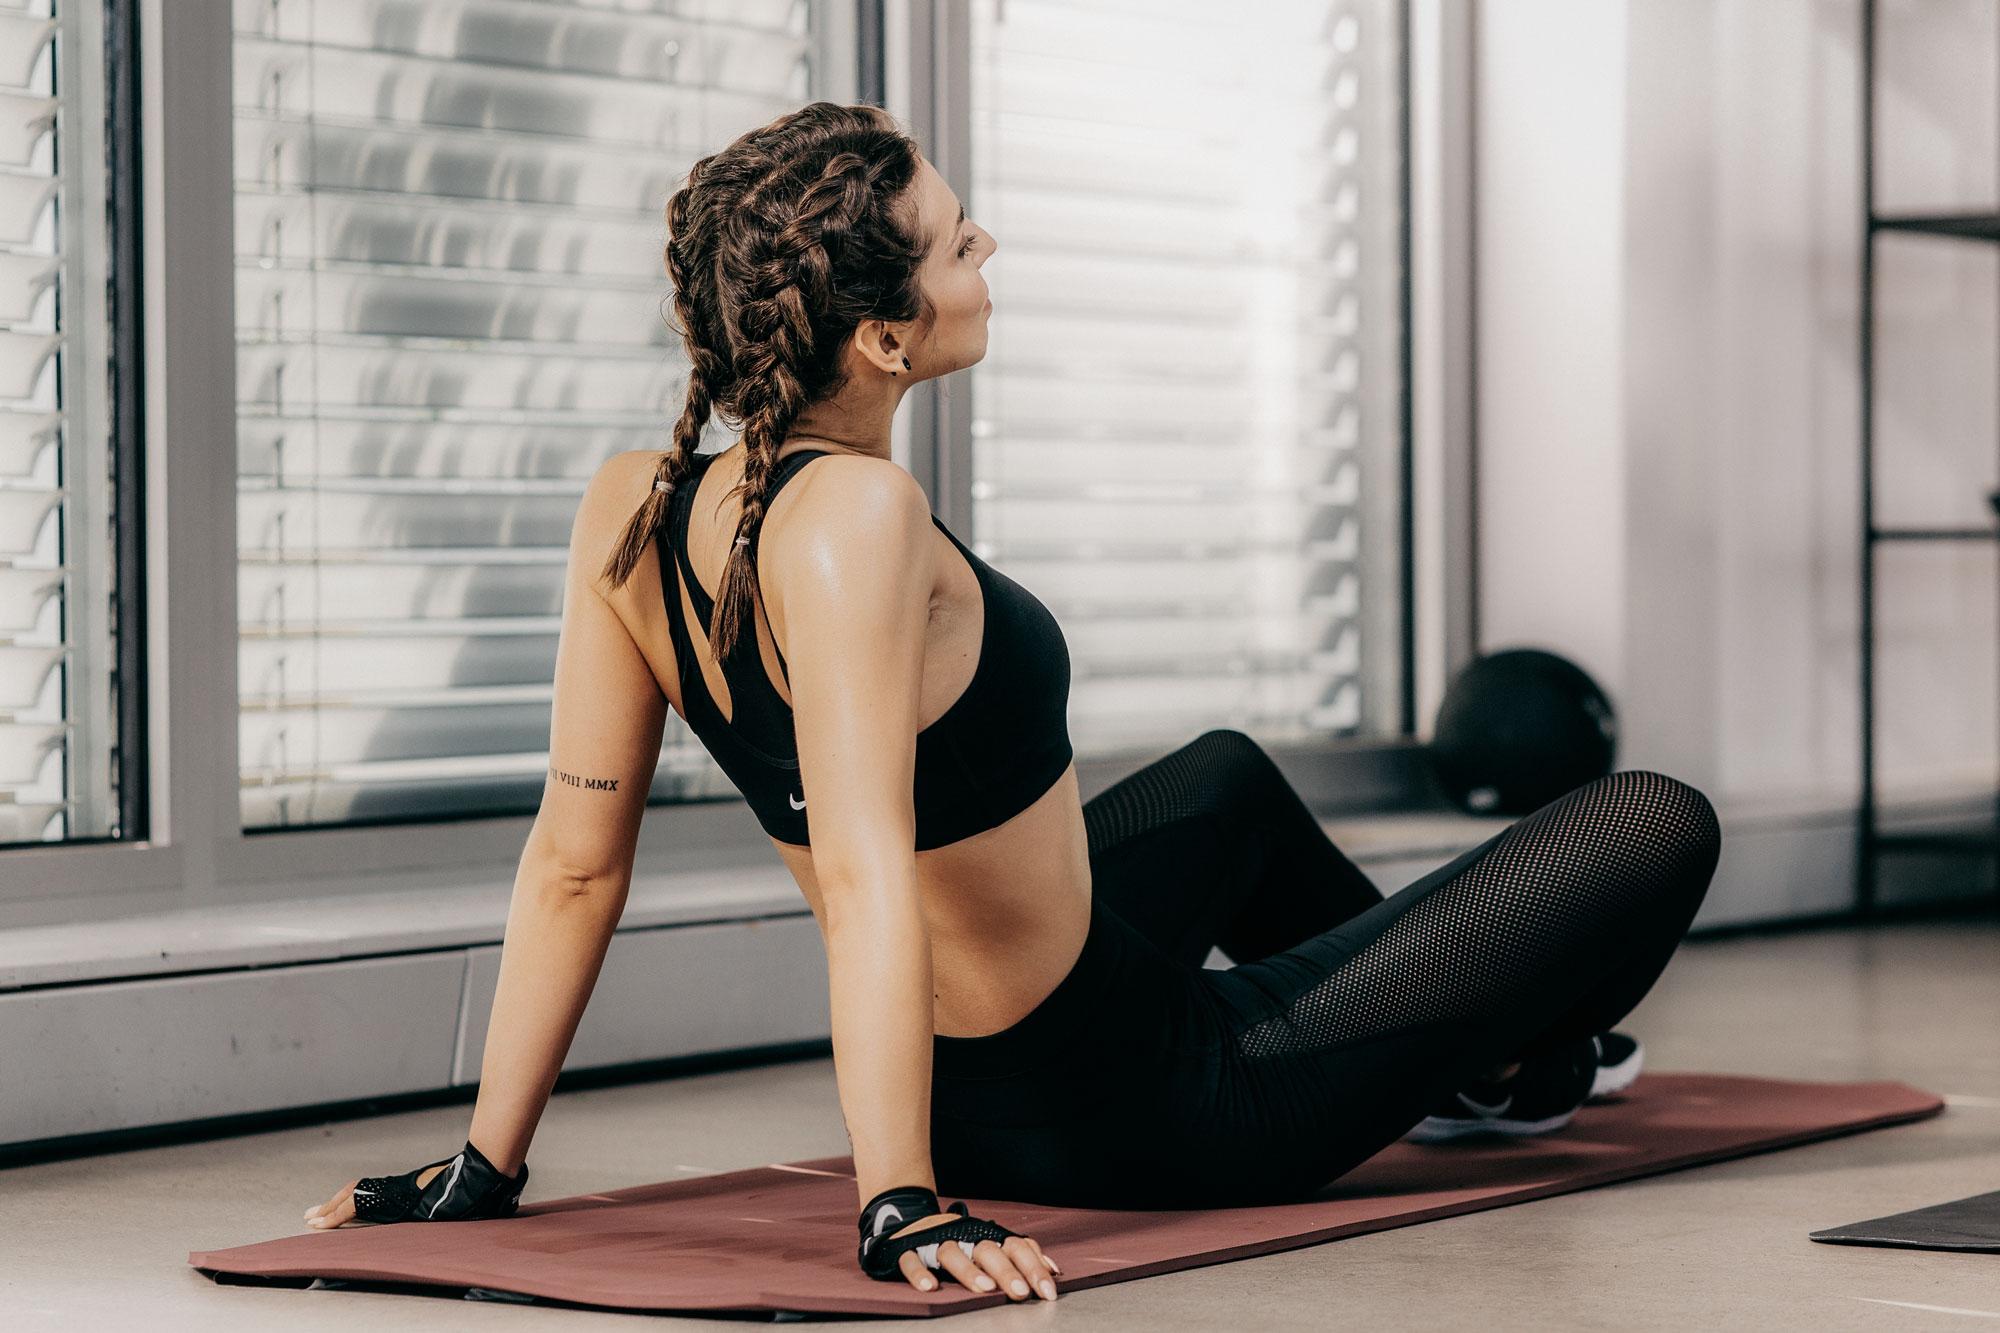 легкие упражнения с nike | спорт | тренировка | прекрасный образ для HIIT тренировок | опыт с BBG / Sweat App from Kayla Itsnes